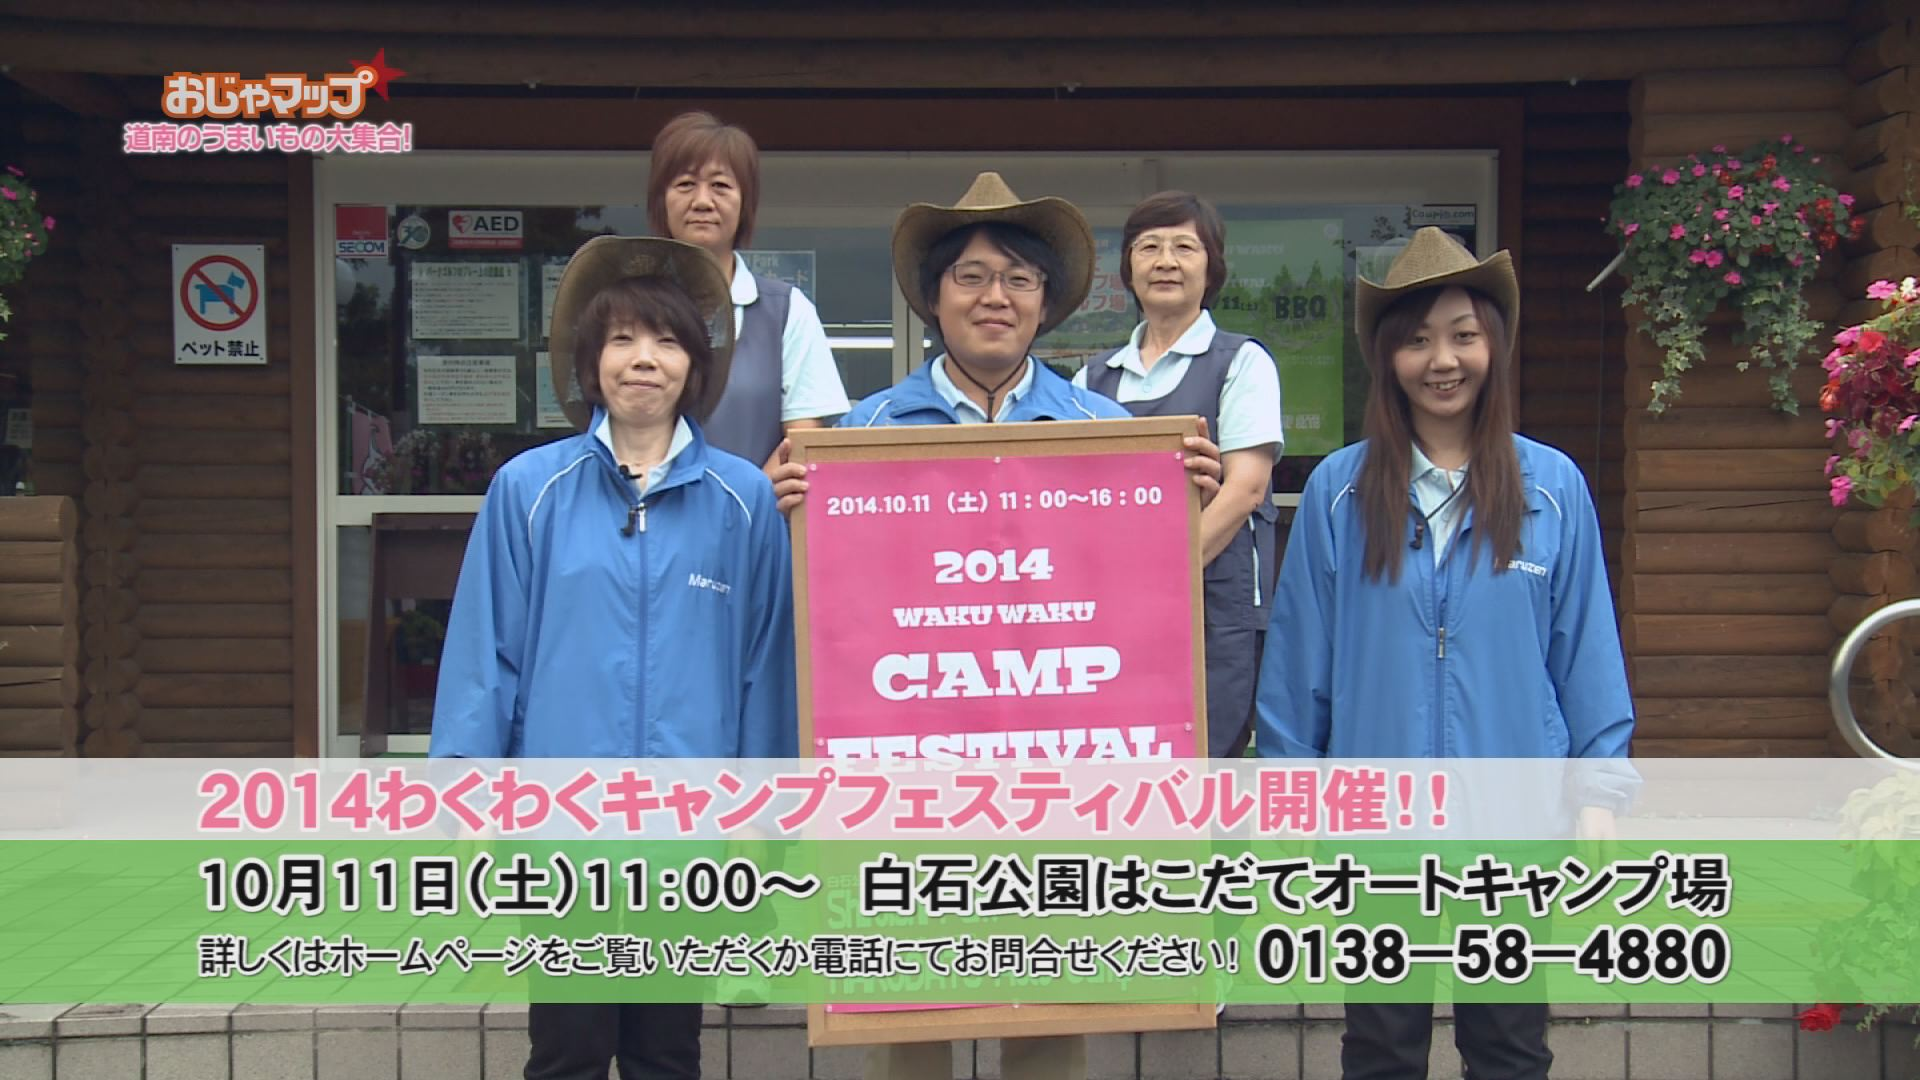 キャンプ場イベント